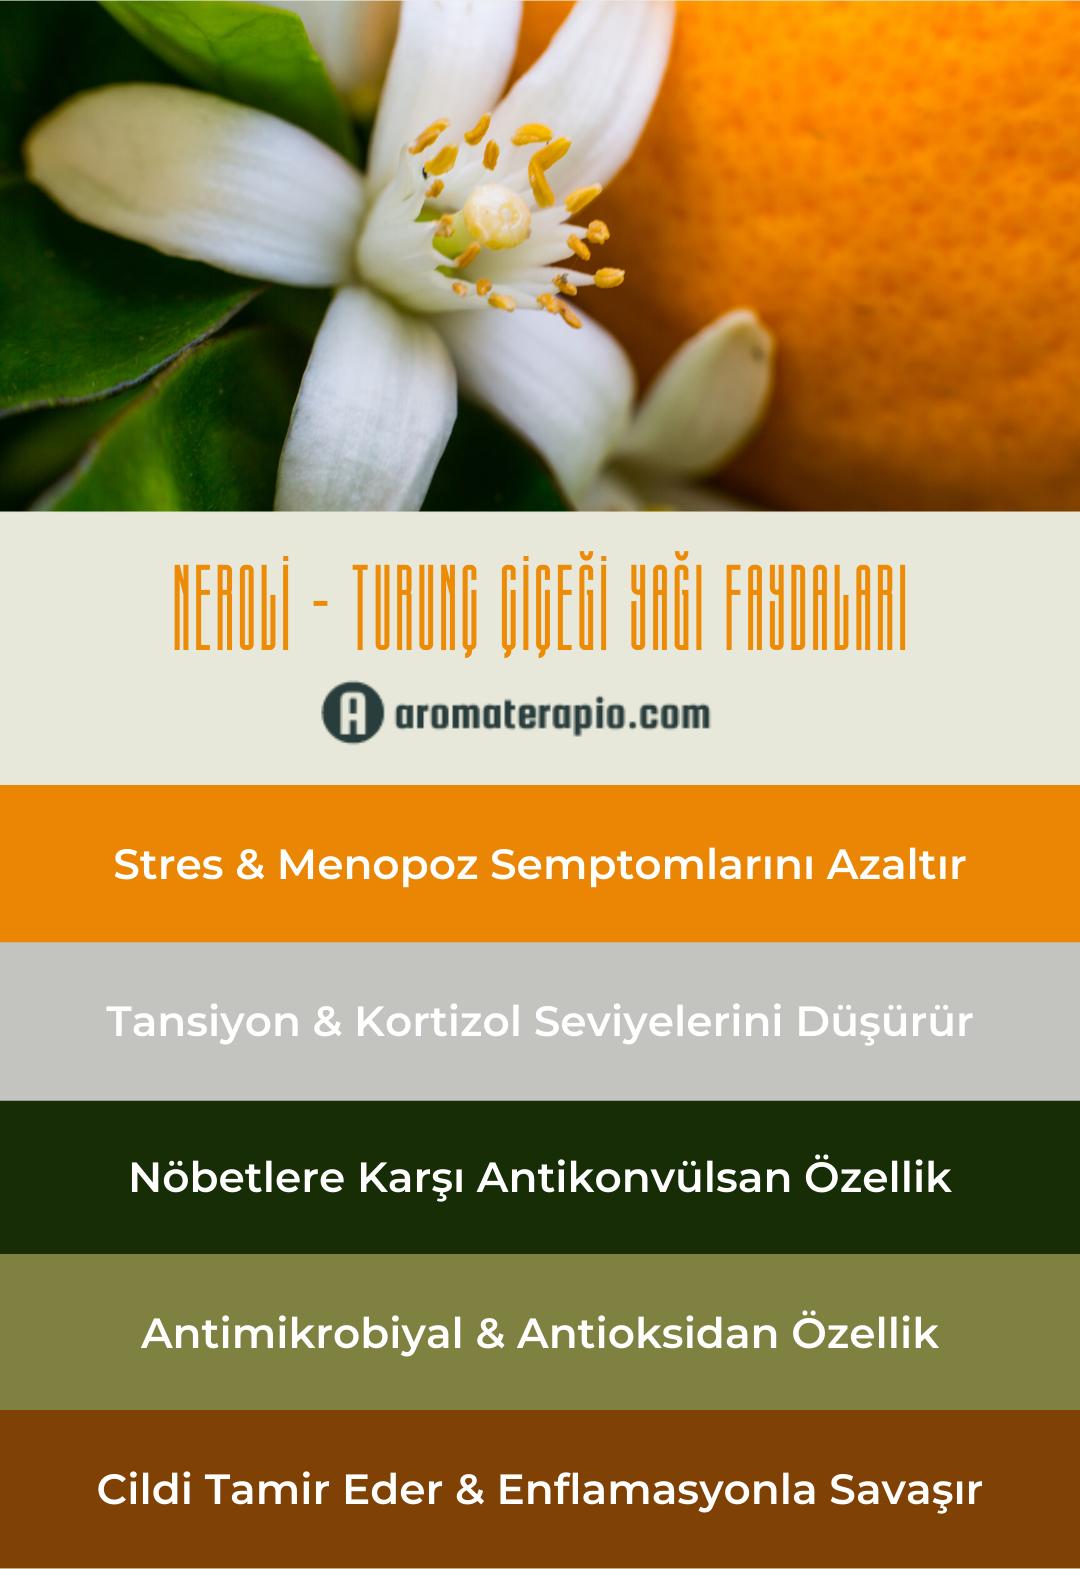 Neroli Turunç Çiçeği Yağı Faydaları Infografik - aromaterapio.com